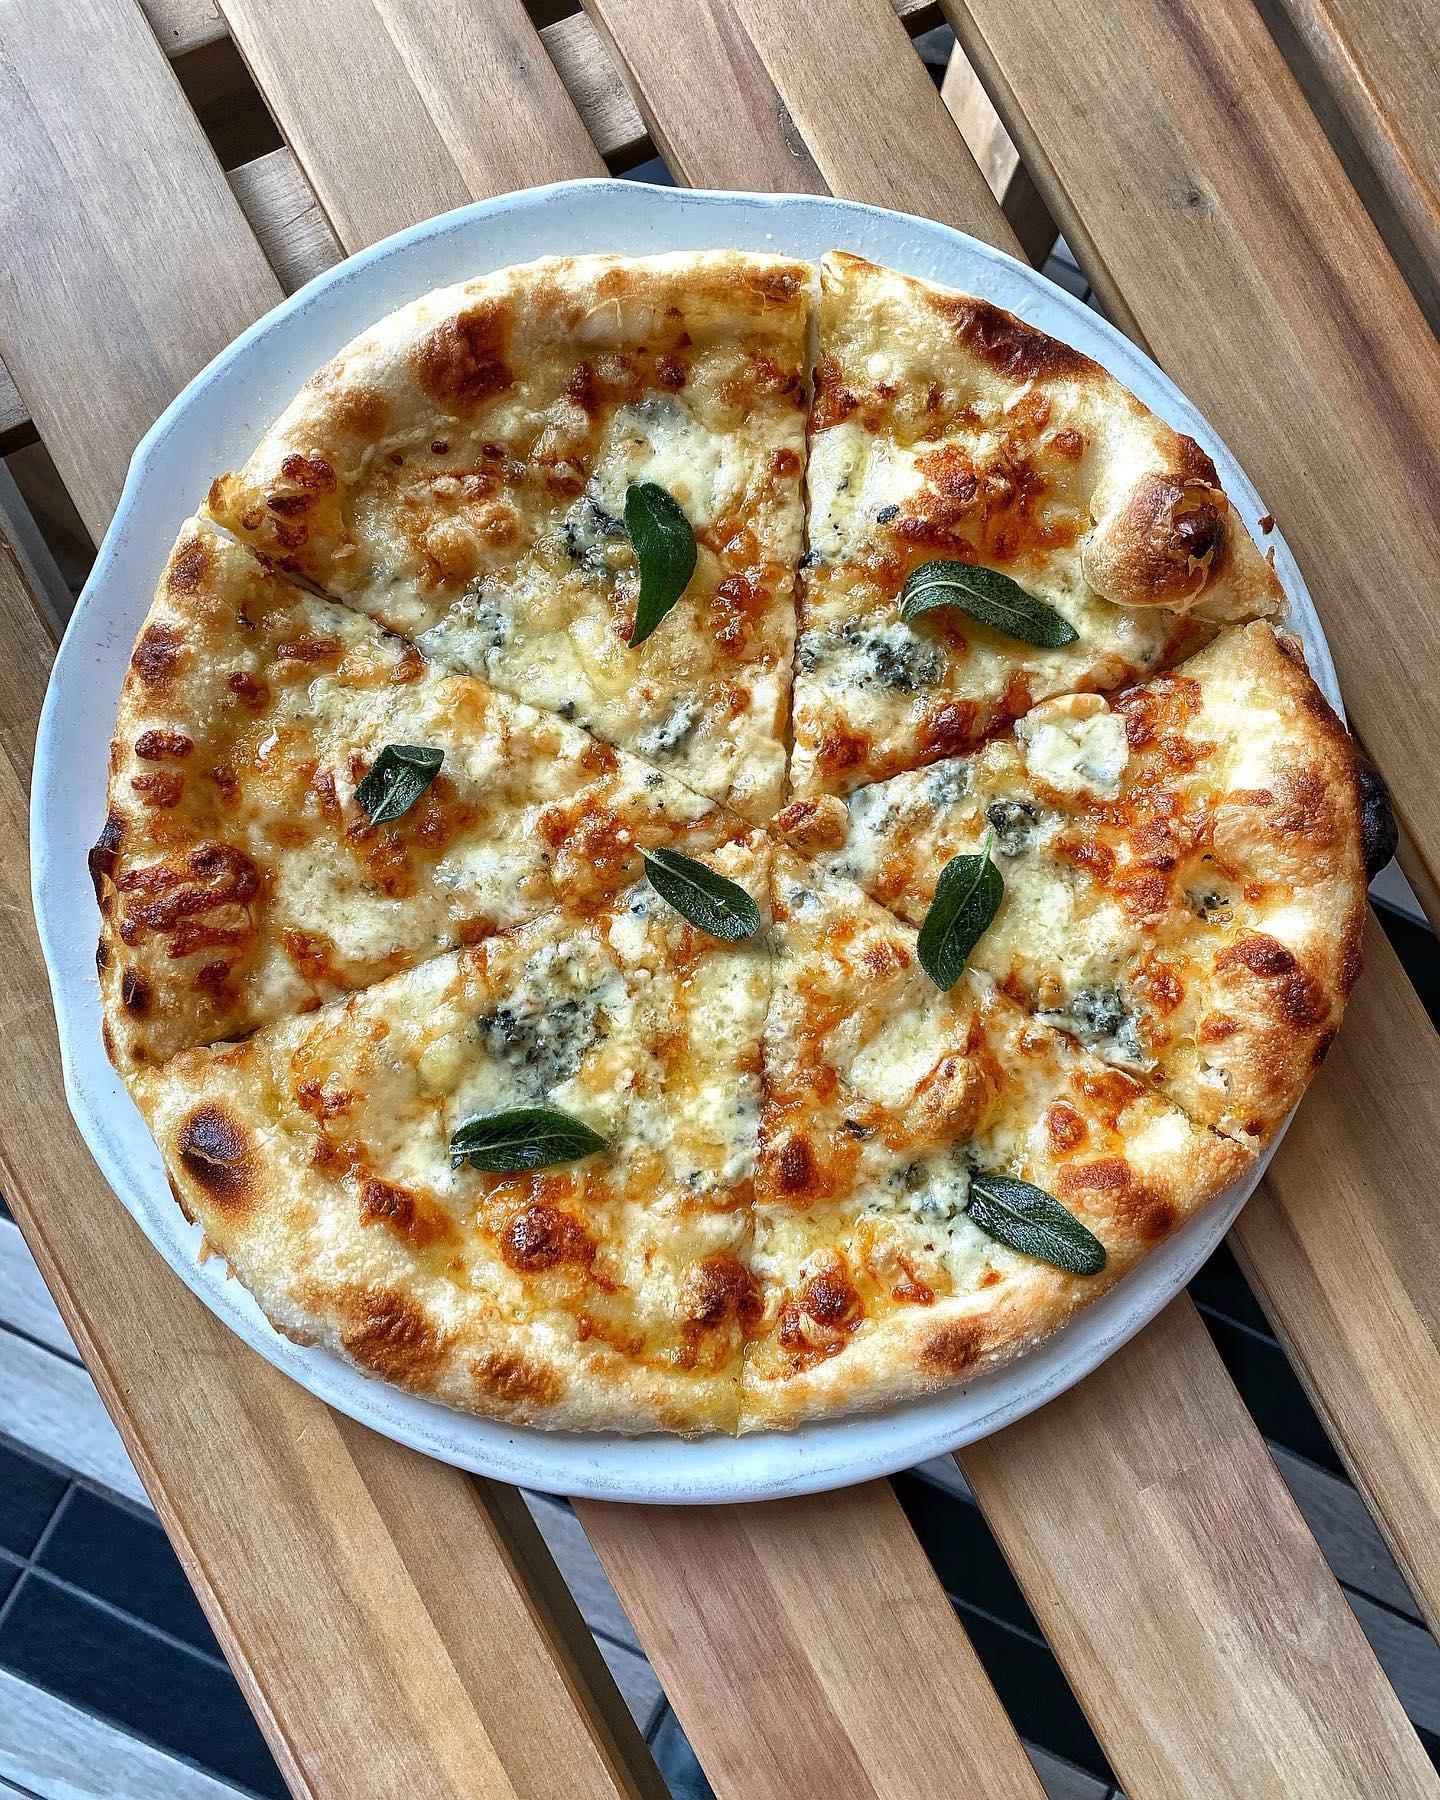 La Strega quattro formaggi pizza